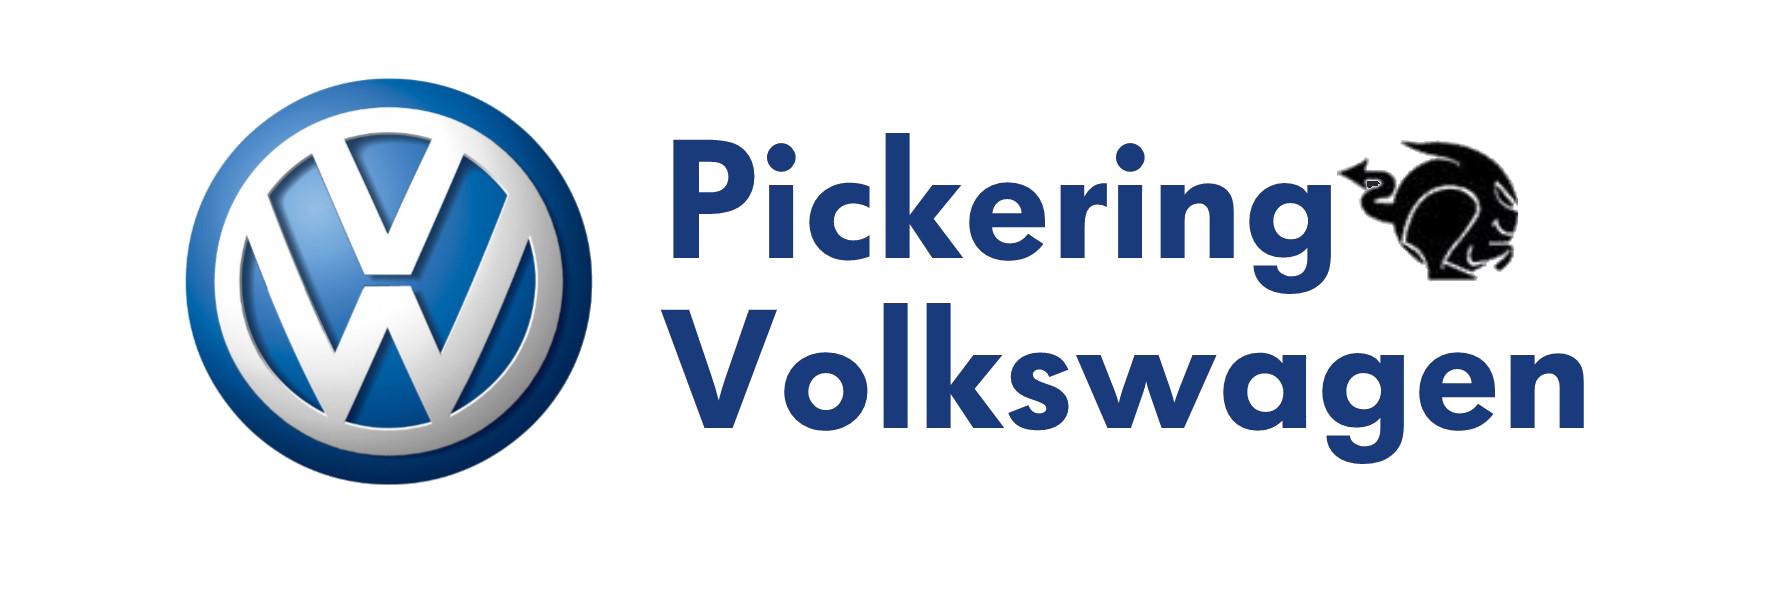 Pickering Volkswagen logo